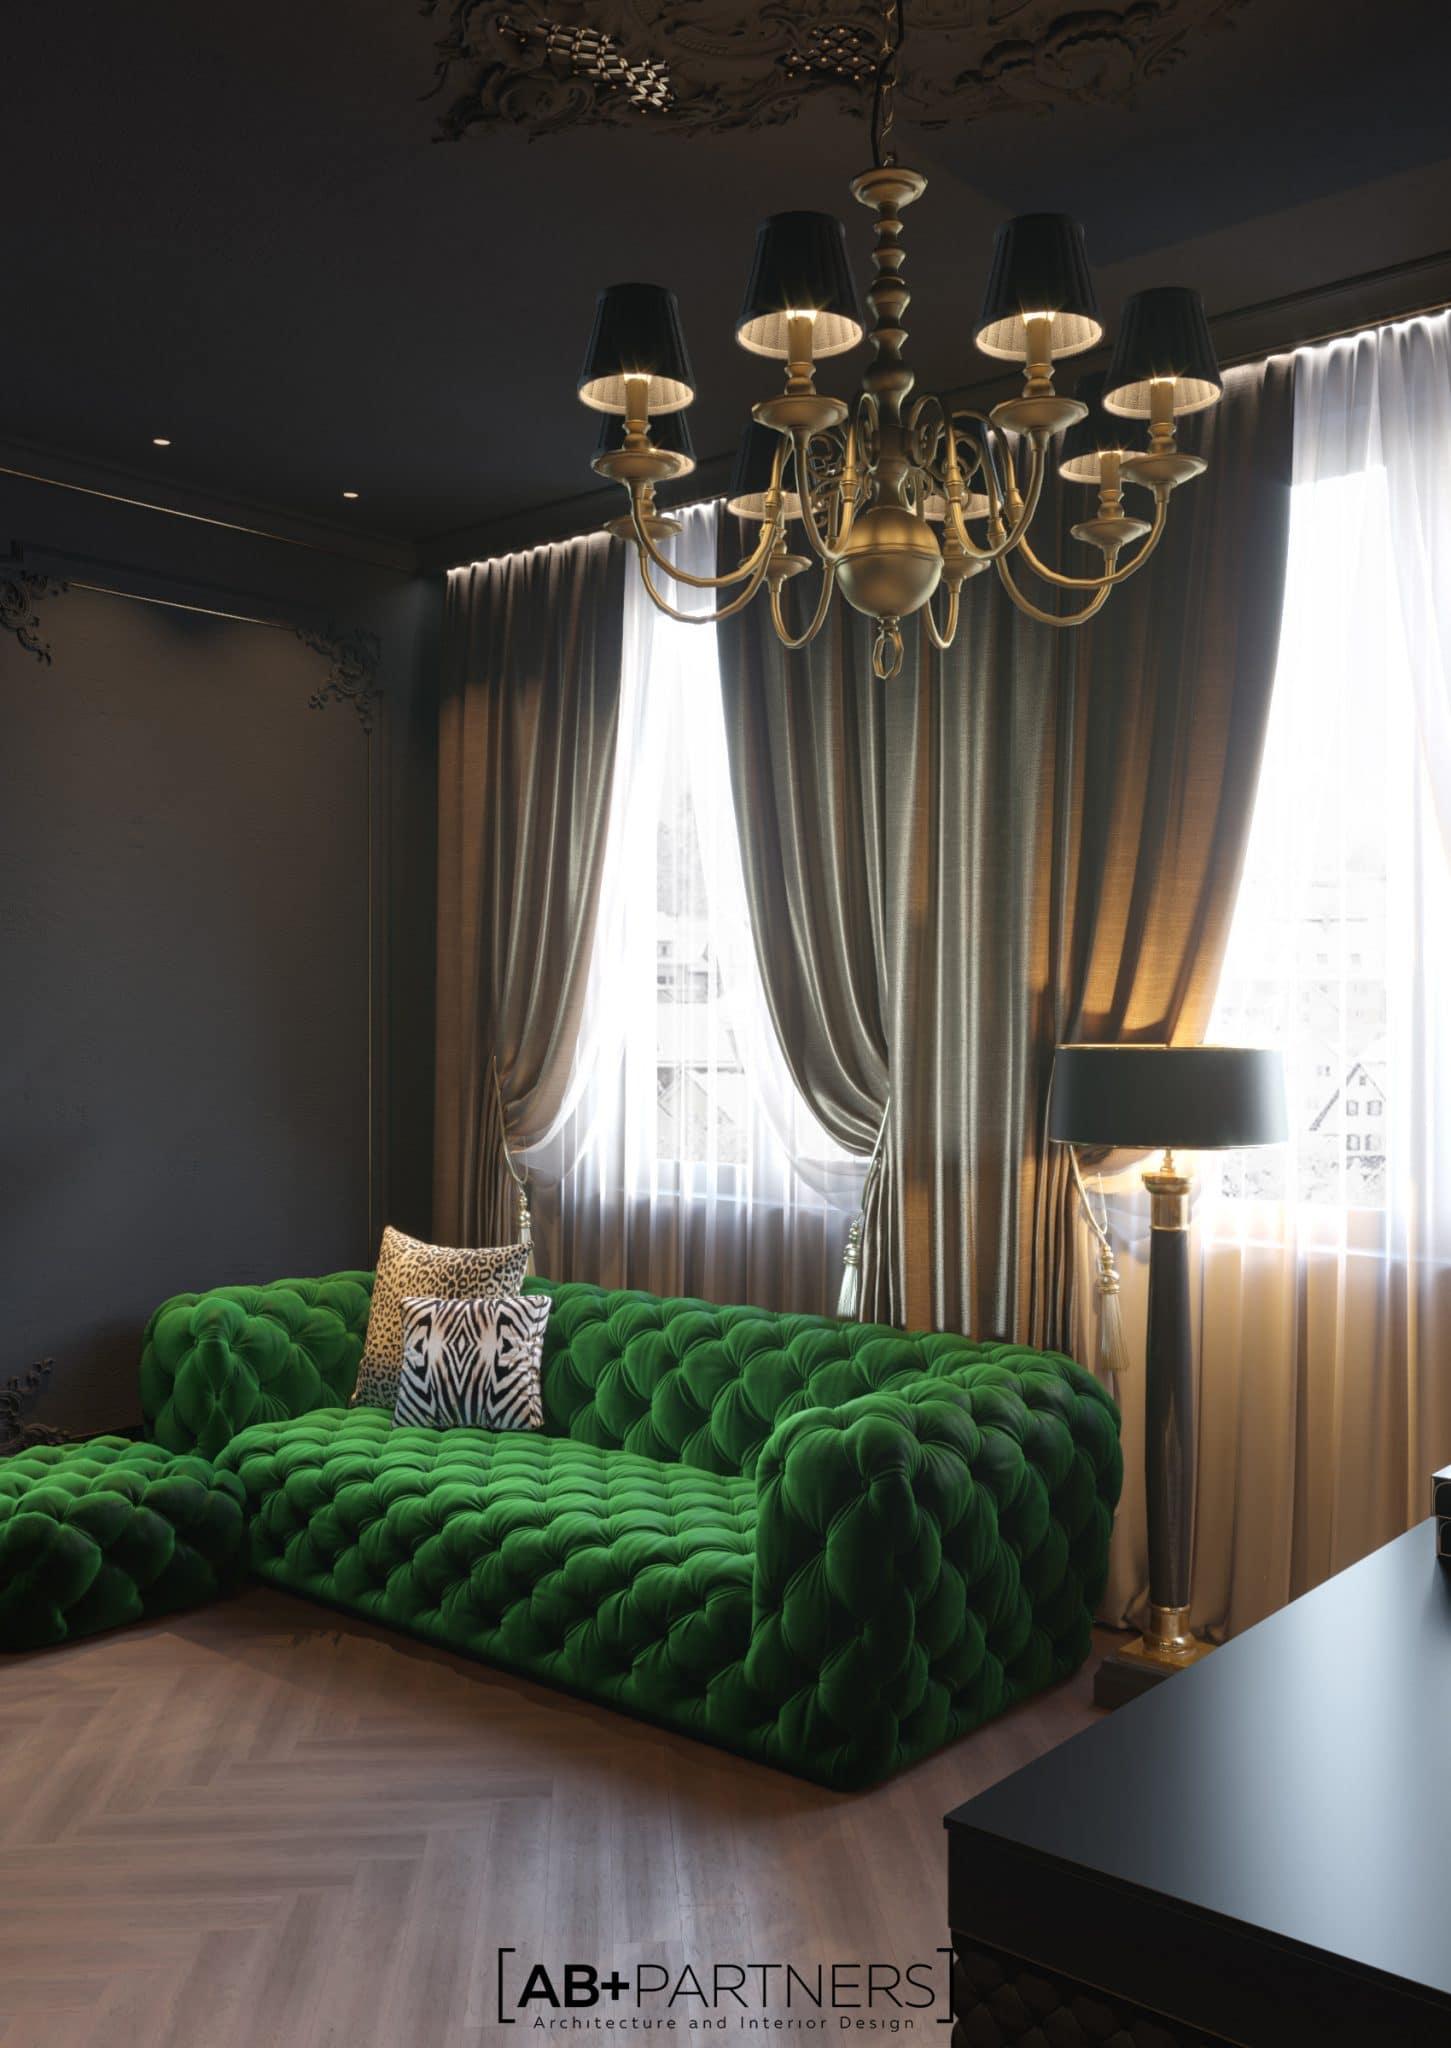 Canapea in culoarea verde pentru oficiu de acasa, proiect de design de la ab+partners